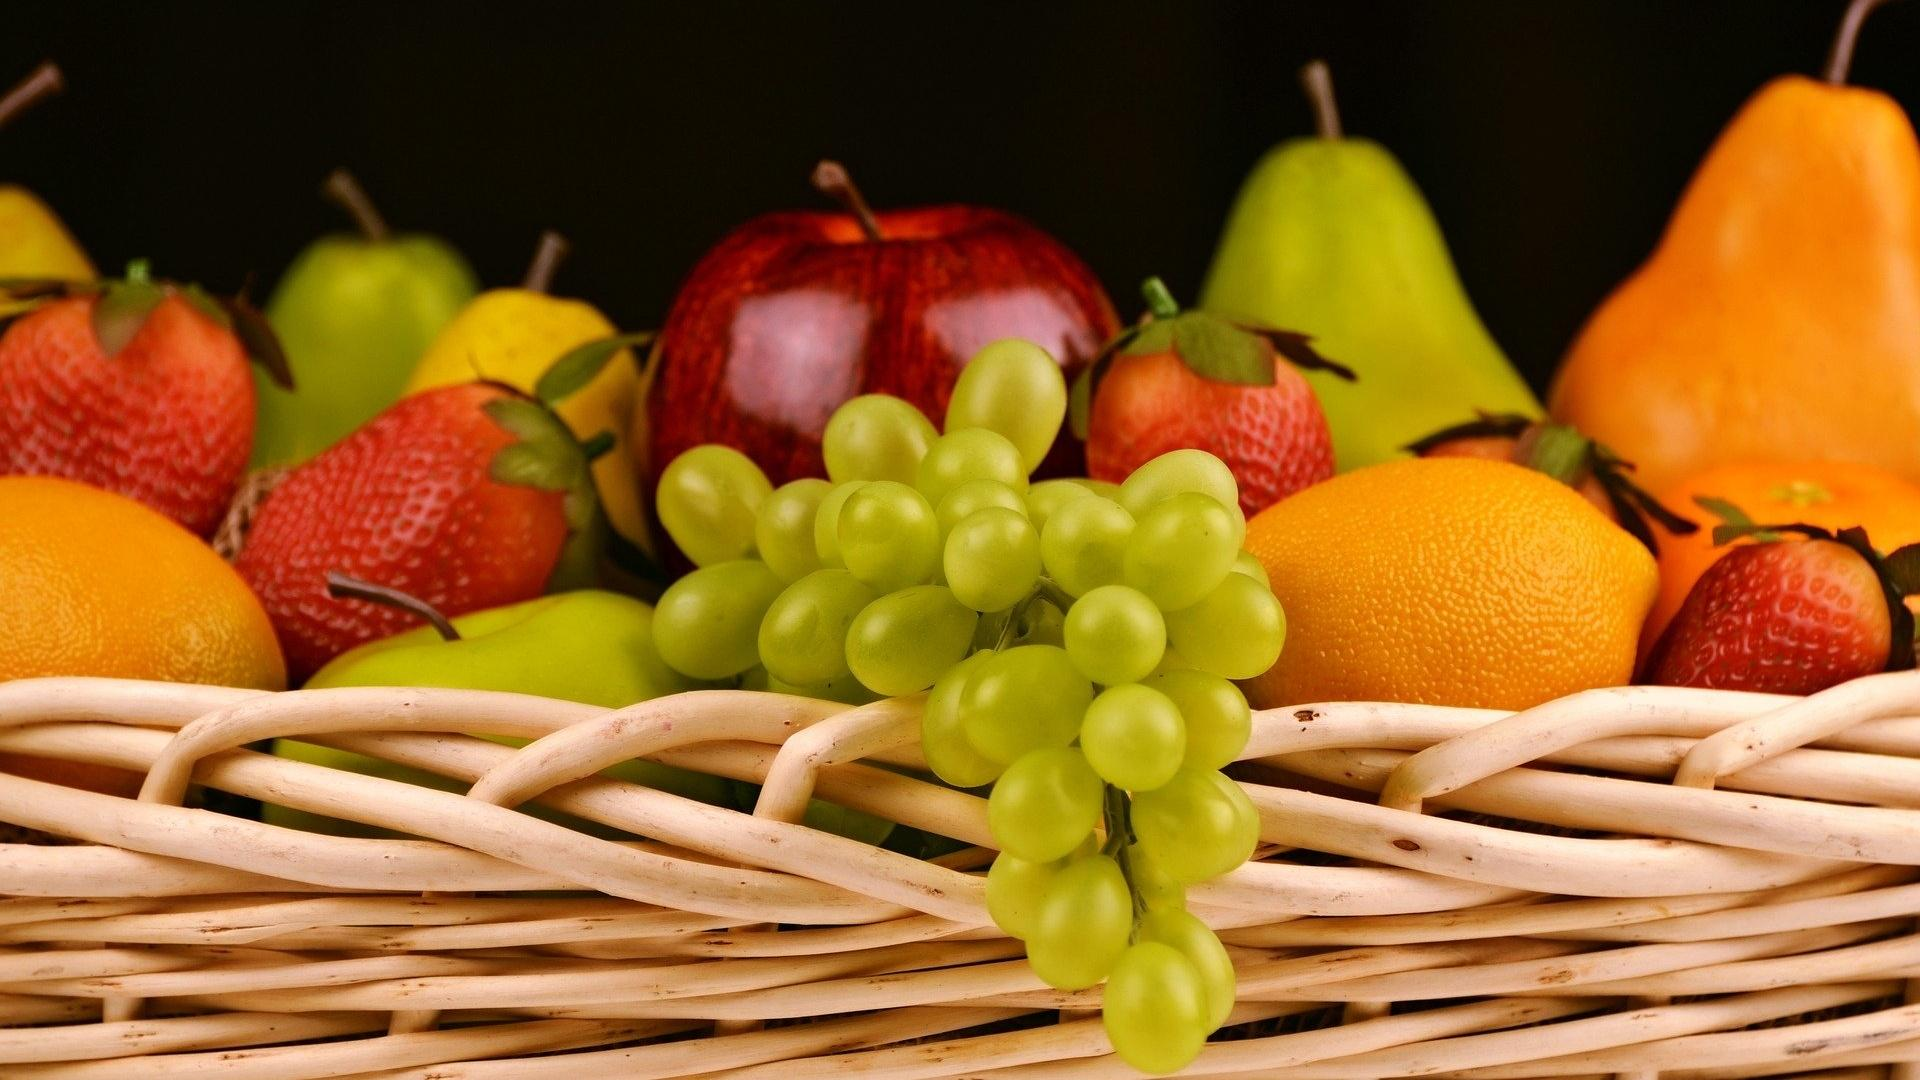 Nicht jedes Obst eignet sich für Diabetiker - Äpfel und Birnen sind gut, bei Weintrauben sollten Sie aufpassen.